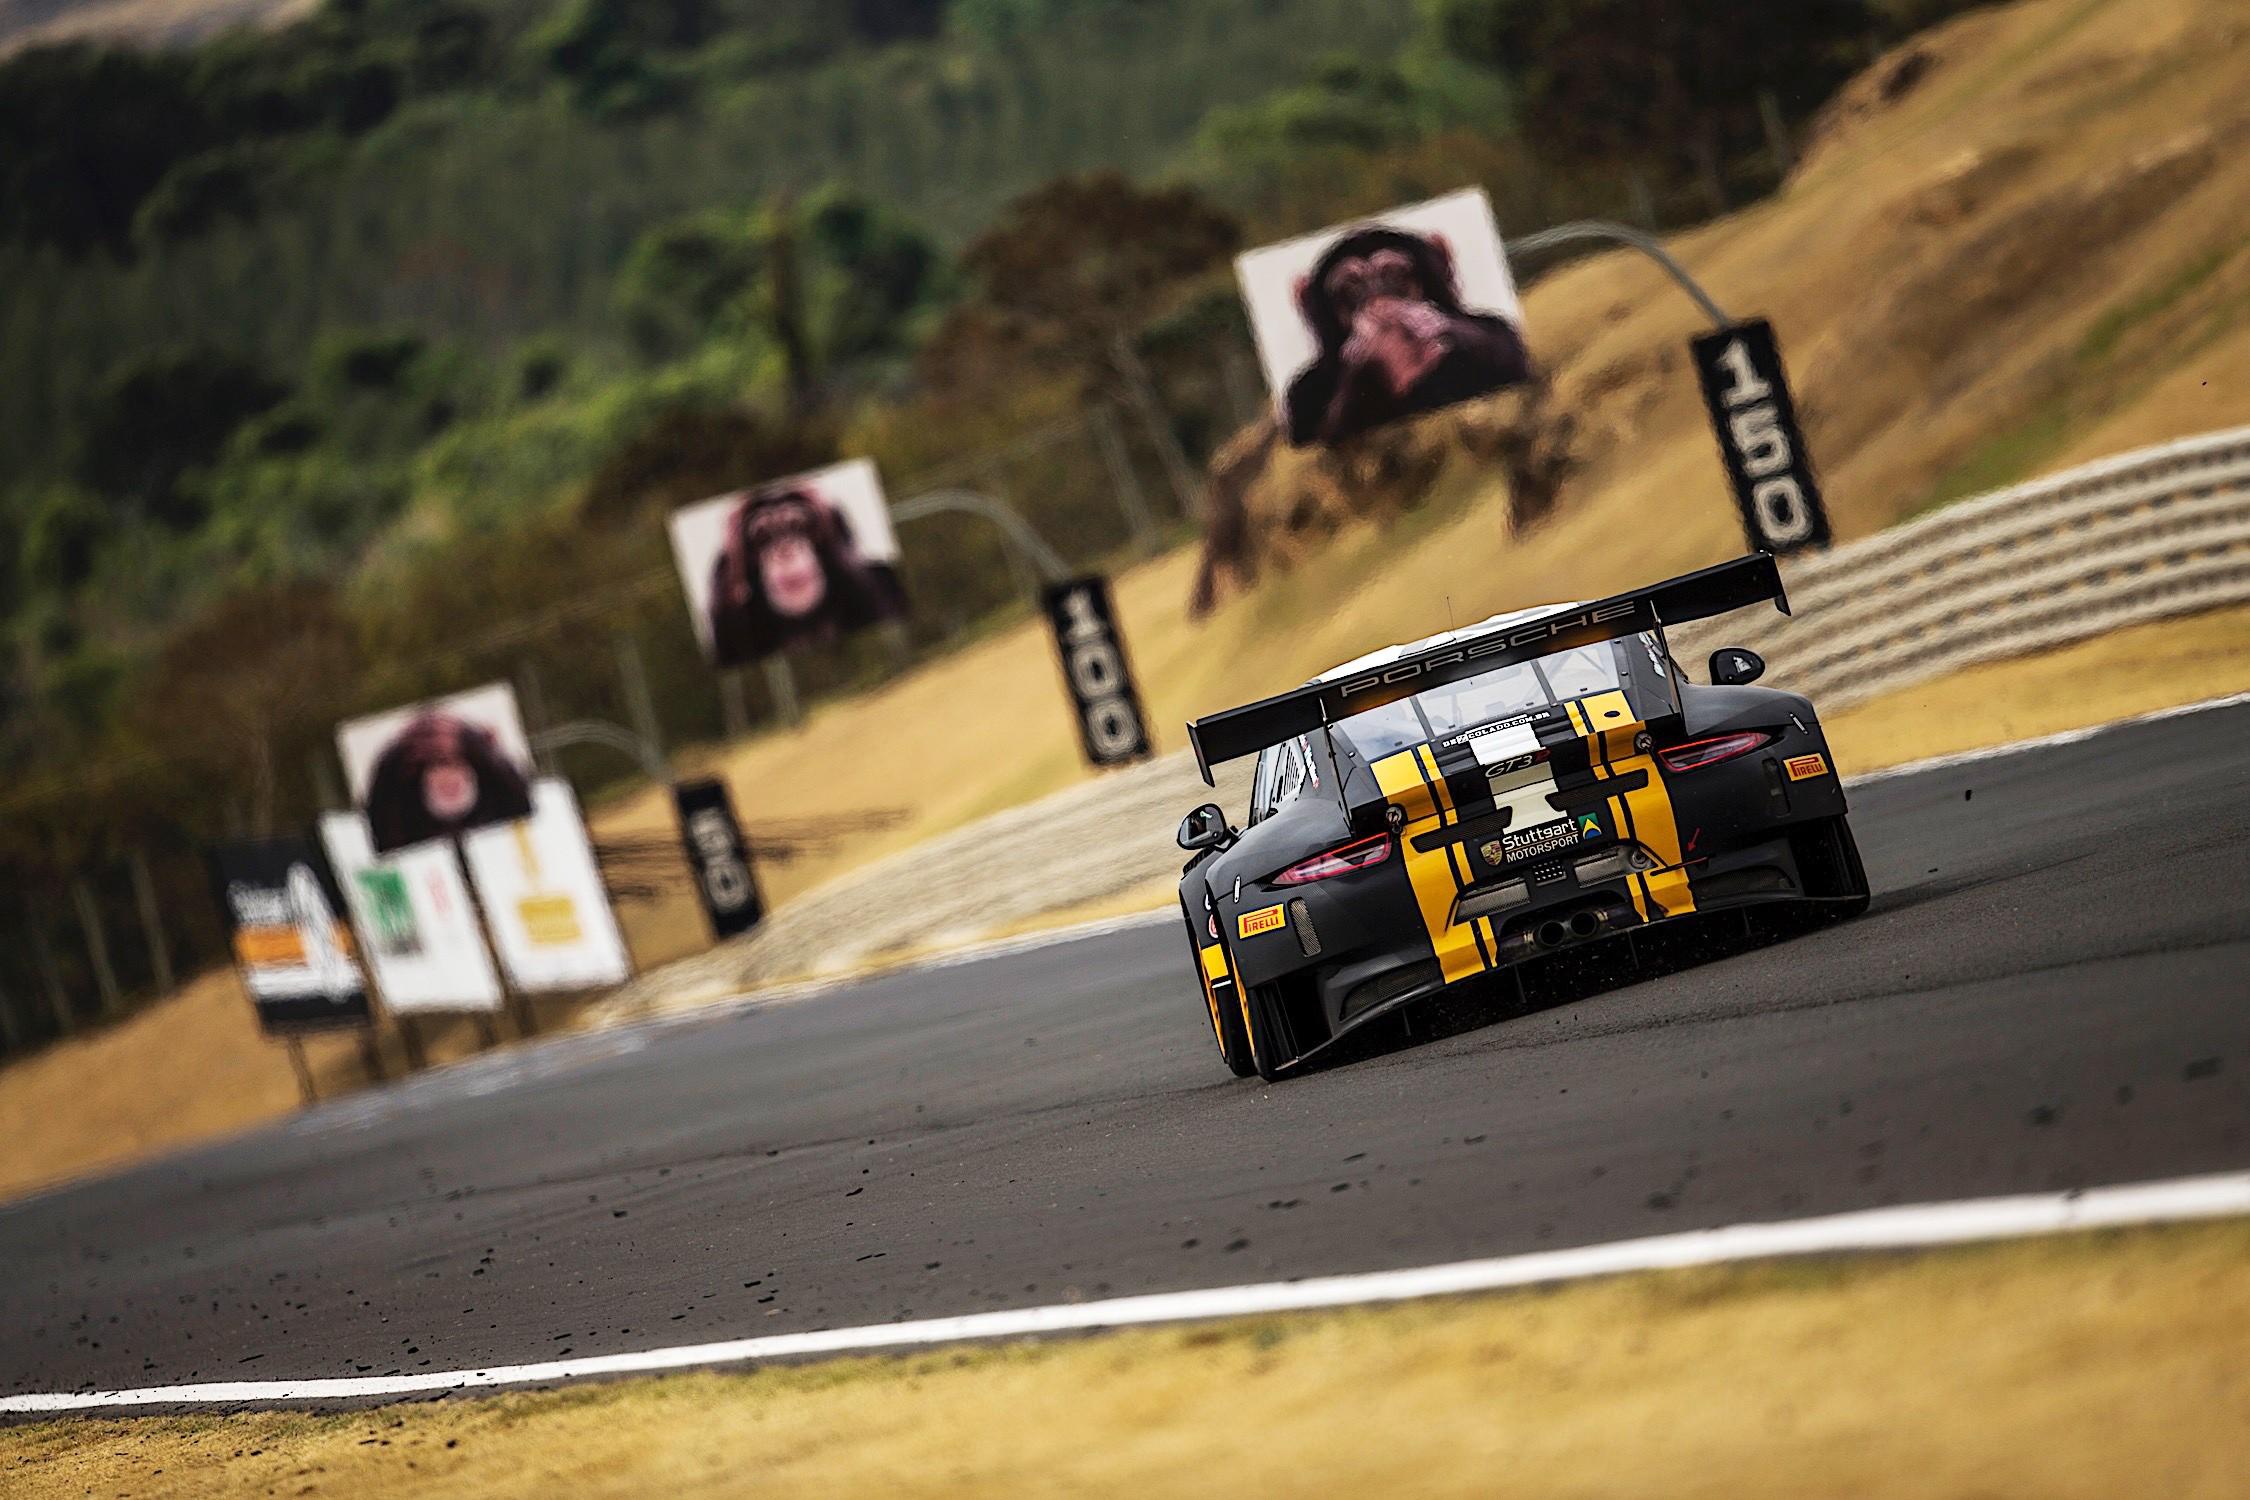 Marcel Visconde_Ricardo Maurício_Max Wilson_Porsche_GP1 rumando para o S de descida (Foto: Bruno Terena)